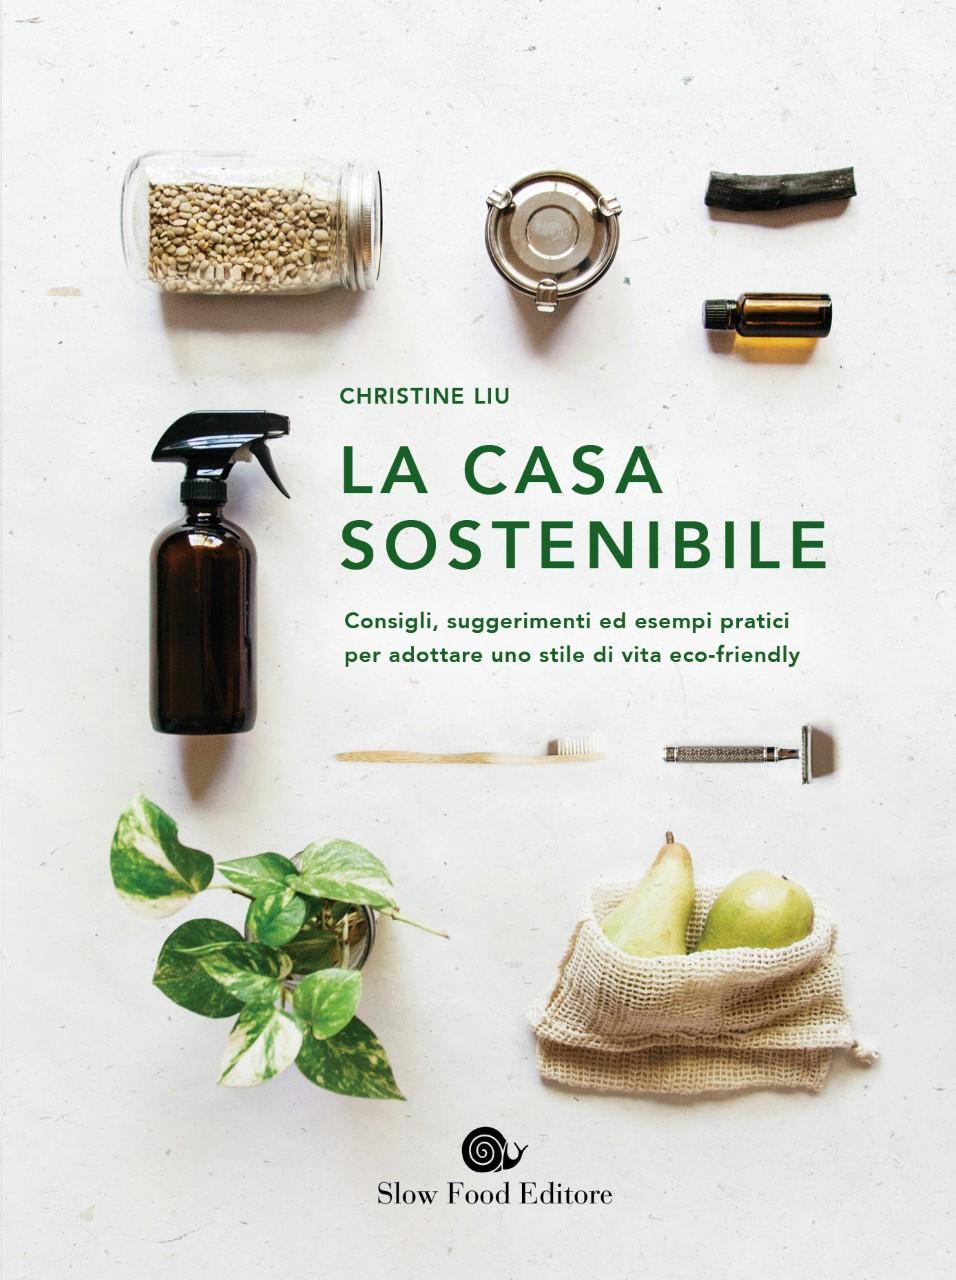 La casa sostenibile di Christine Liu arriva in libreria